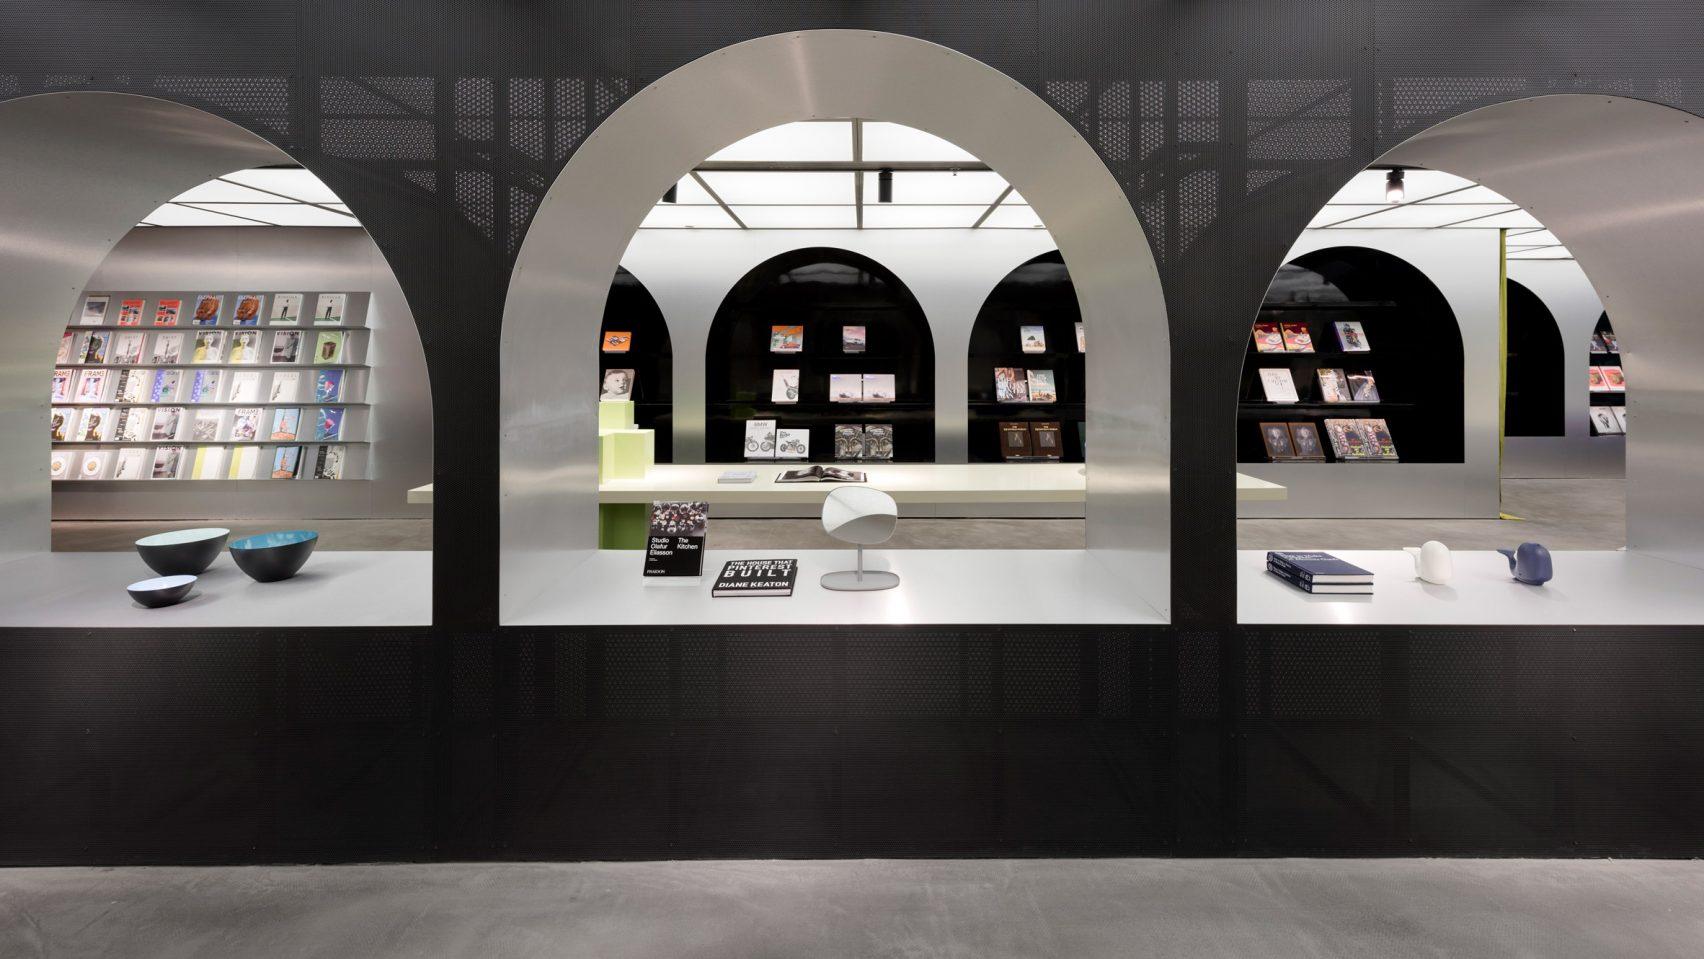 harbook-store-alberto-caiola-interiors-retail-china-hangzhou_dezainaa_1.jpg